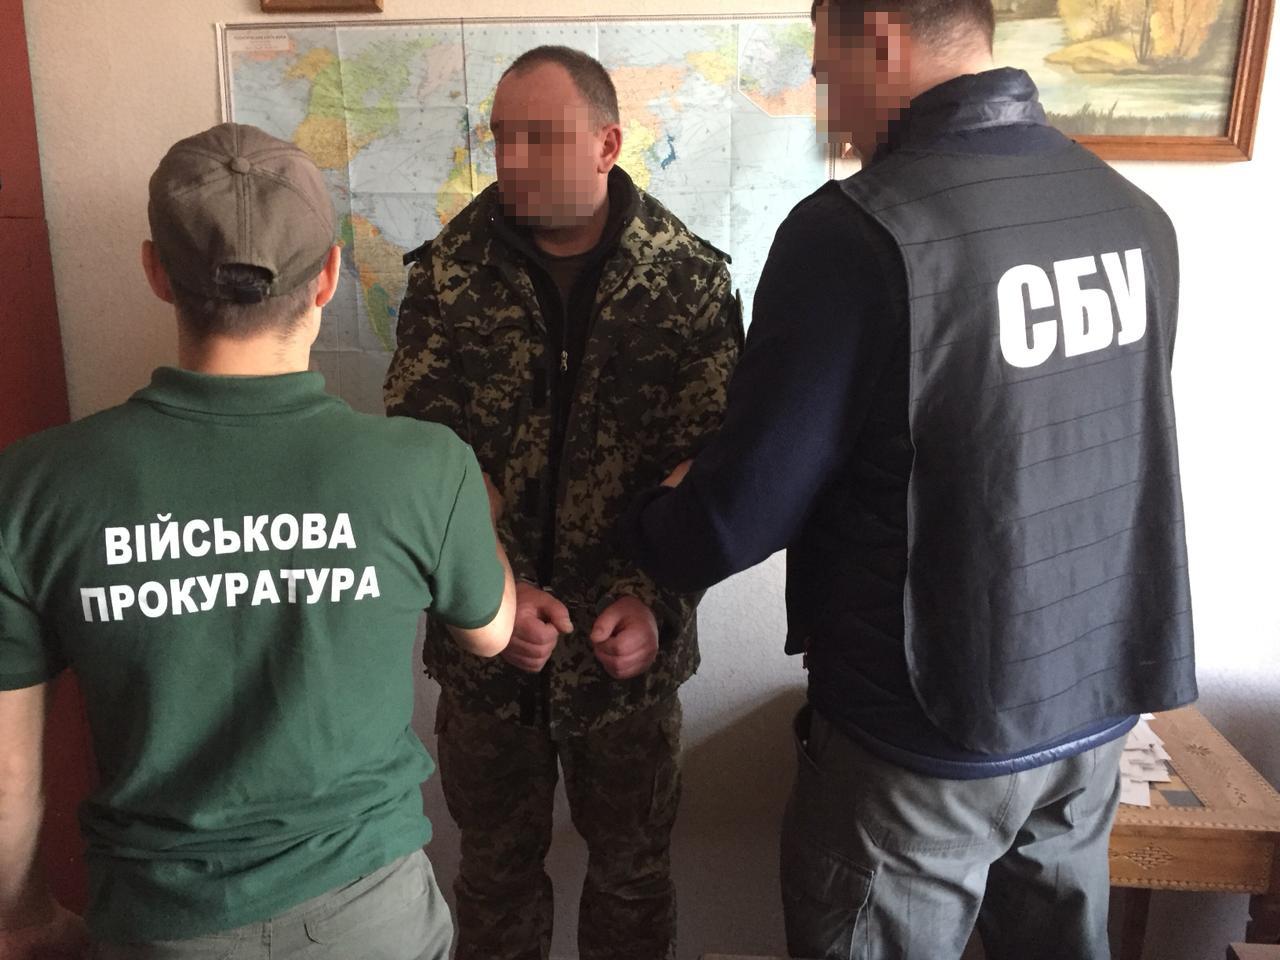 Начальник оперативного отдела Житомирской исправительной колонии попался на взятке